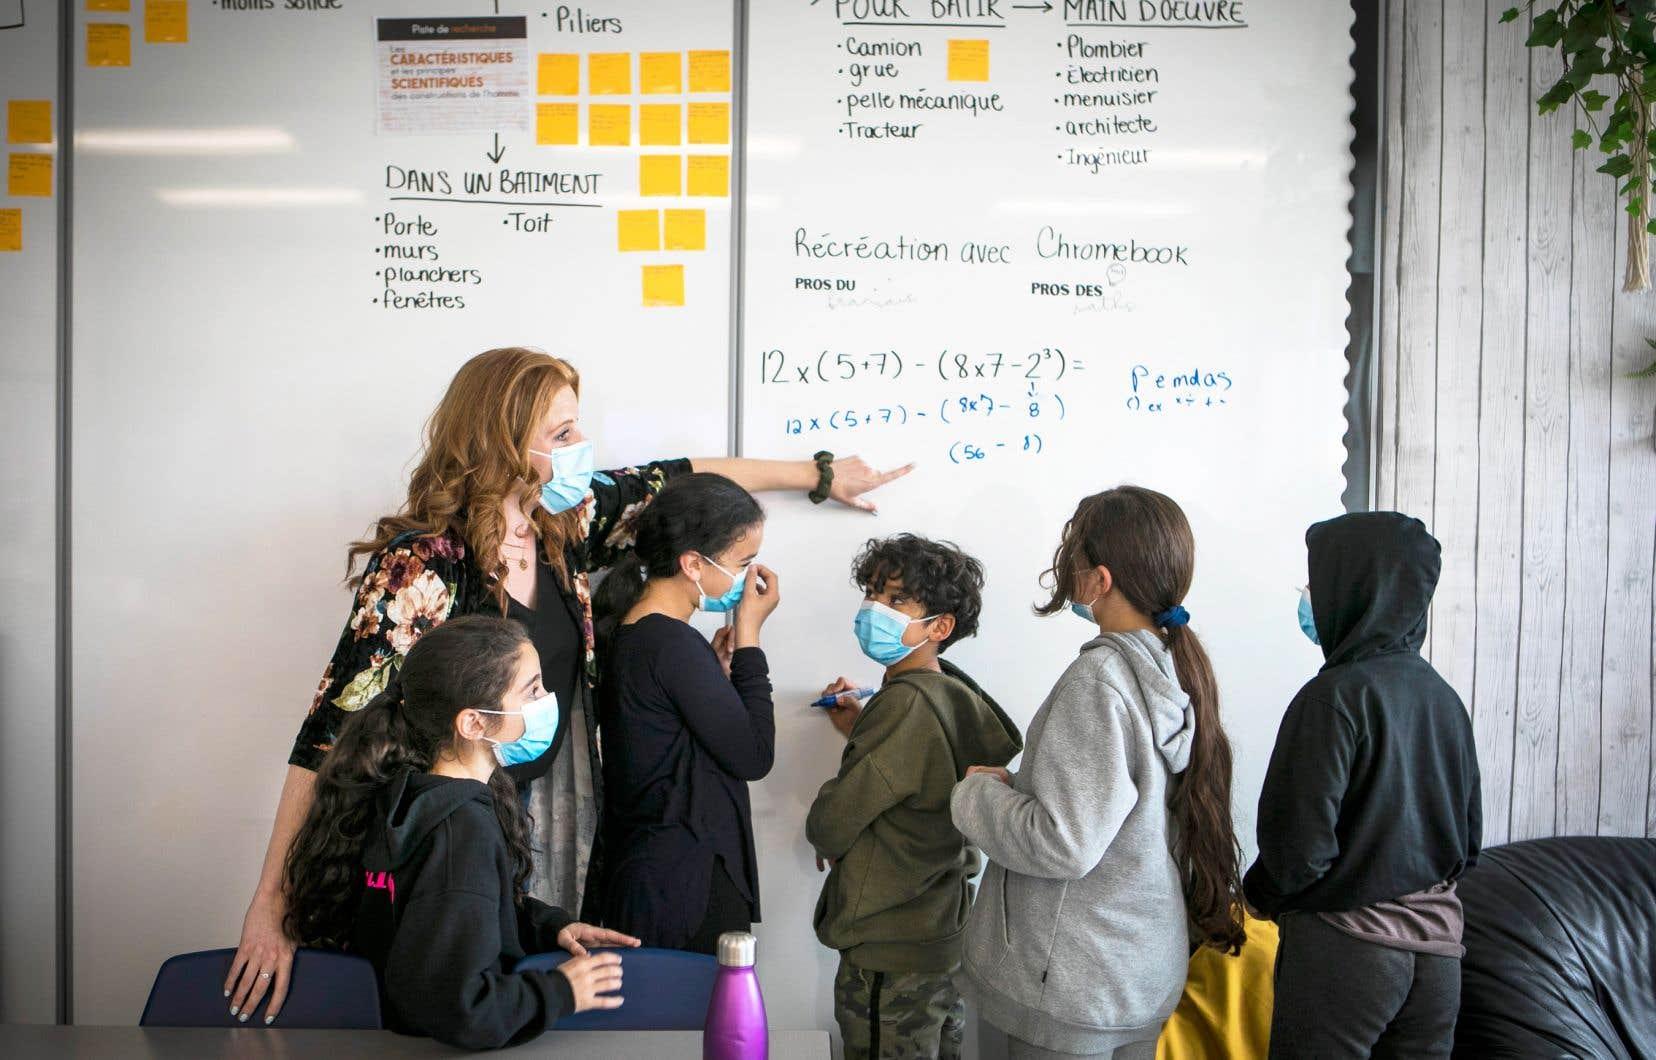 Les élèves et le personnel de l'école des Aventuriers ont ainsi commencé leur année scolaire dans les trente locaux modulaires installés sur le terrain de l'établissement.